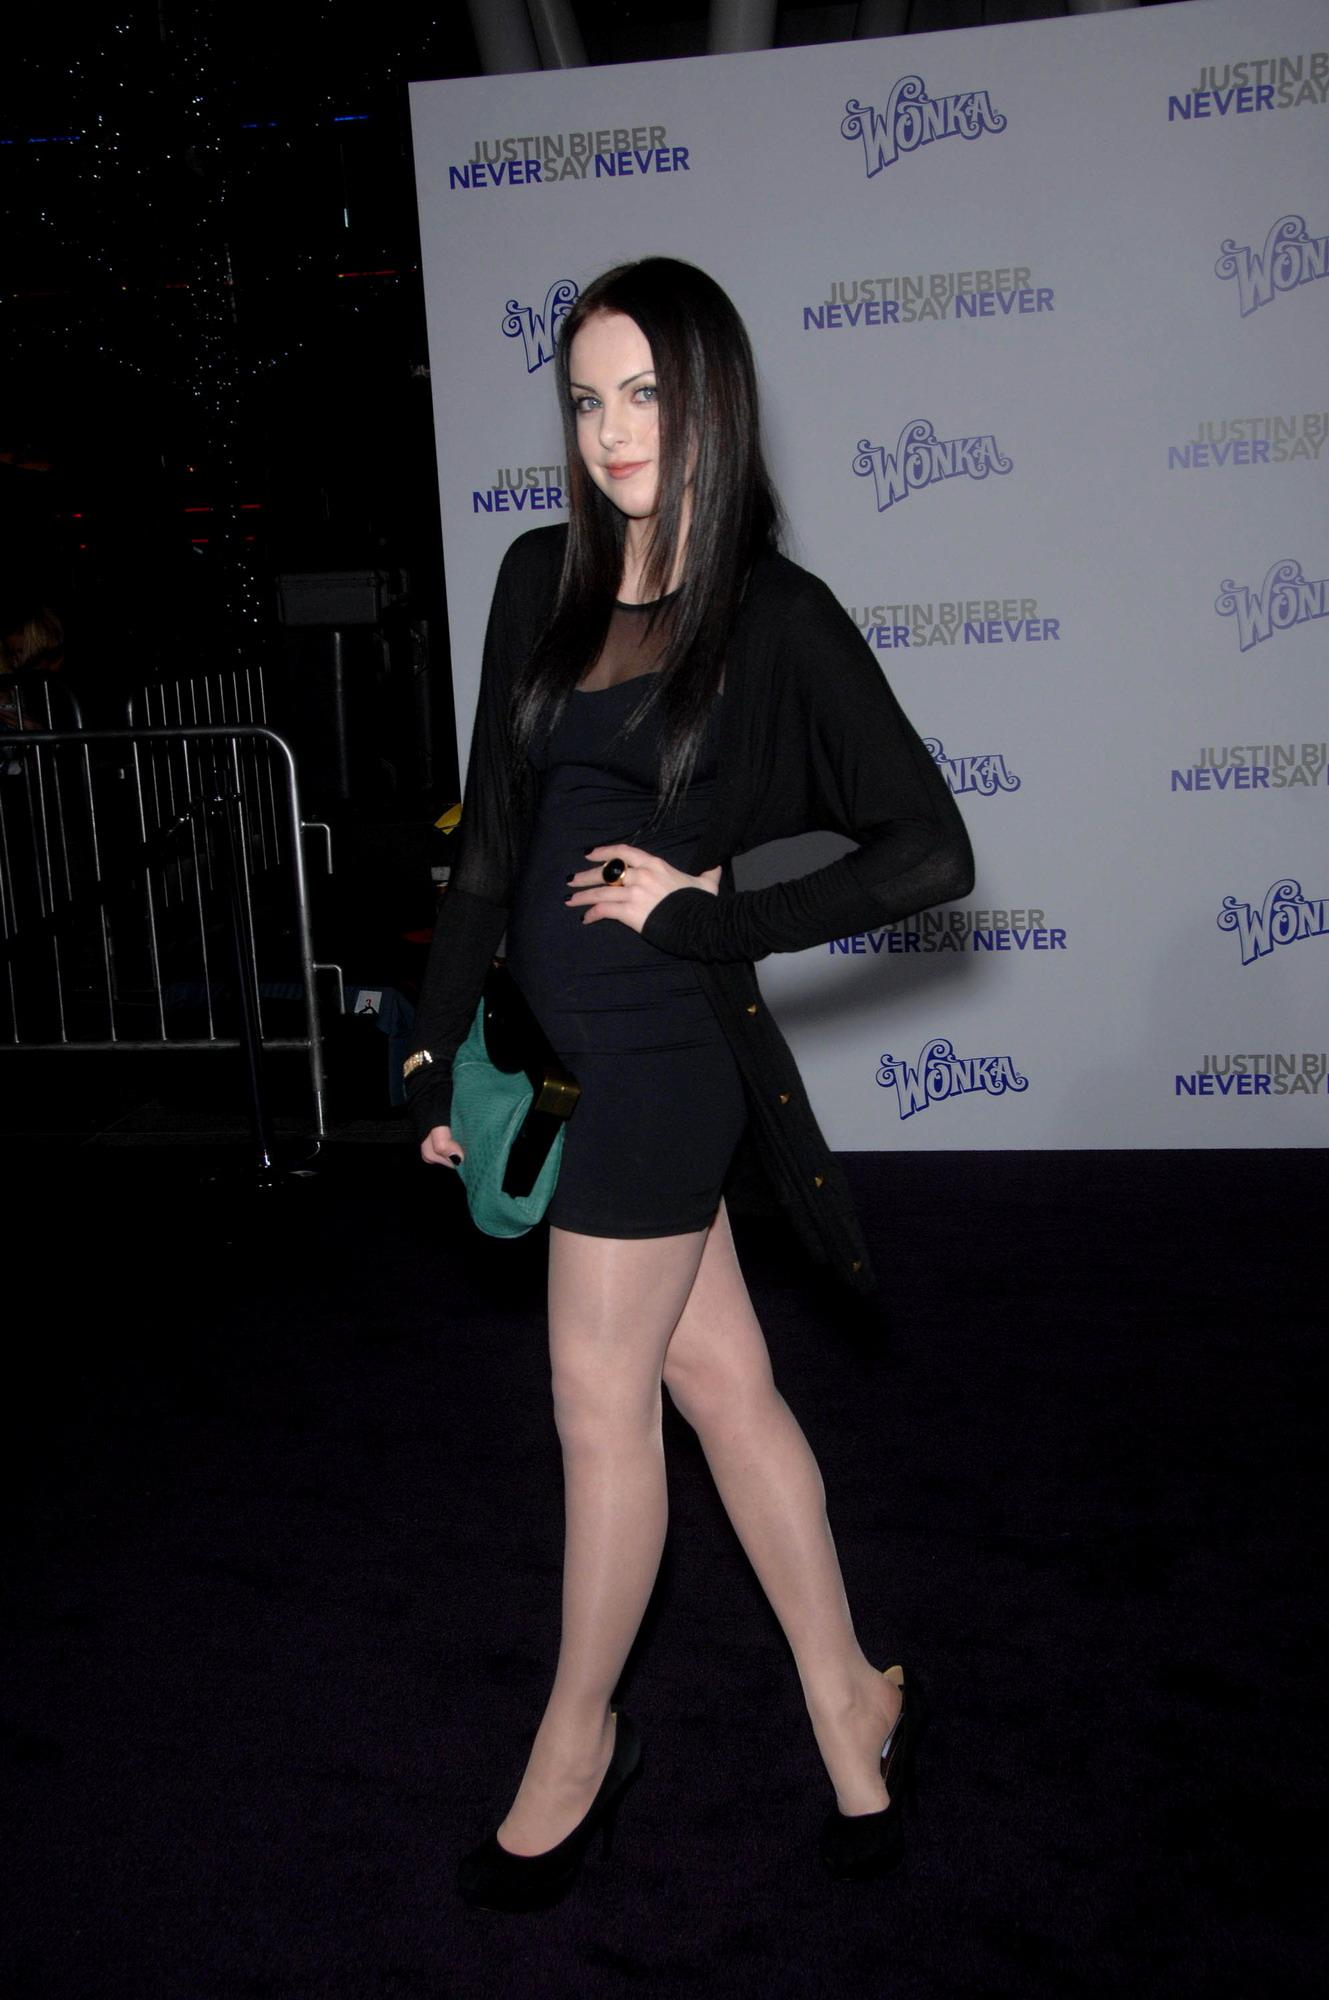 elizabeth gillies at the justin bieber movie premiere